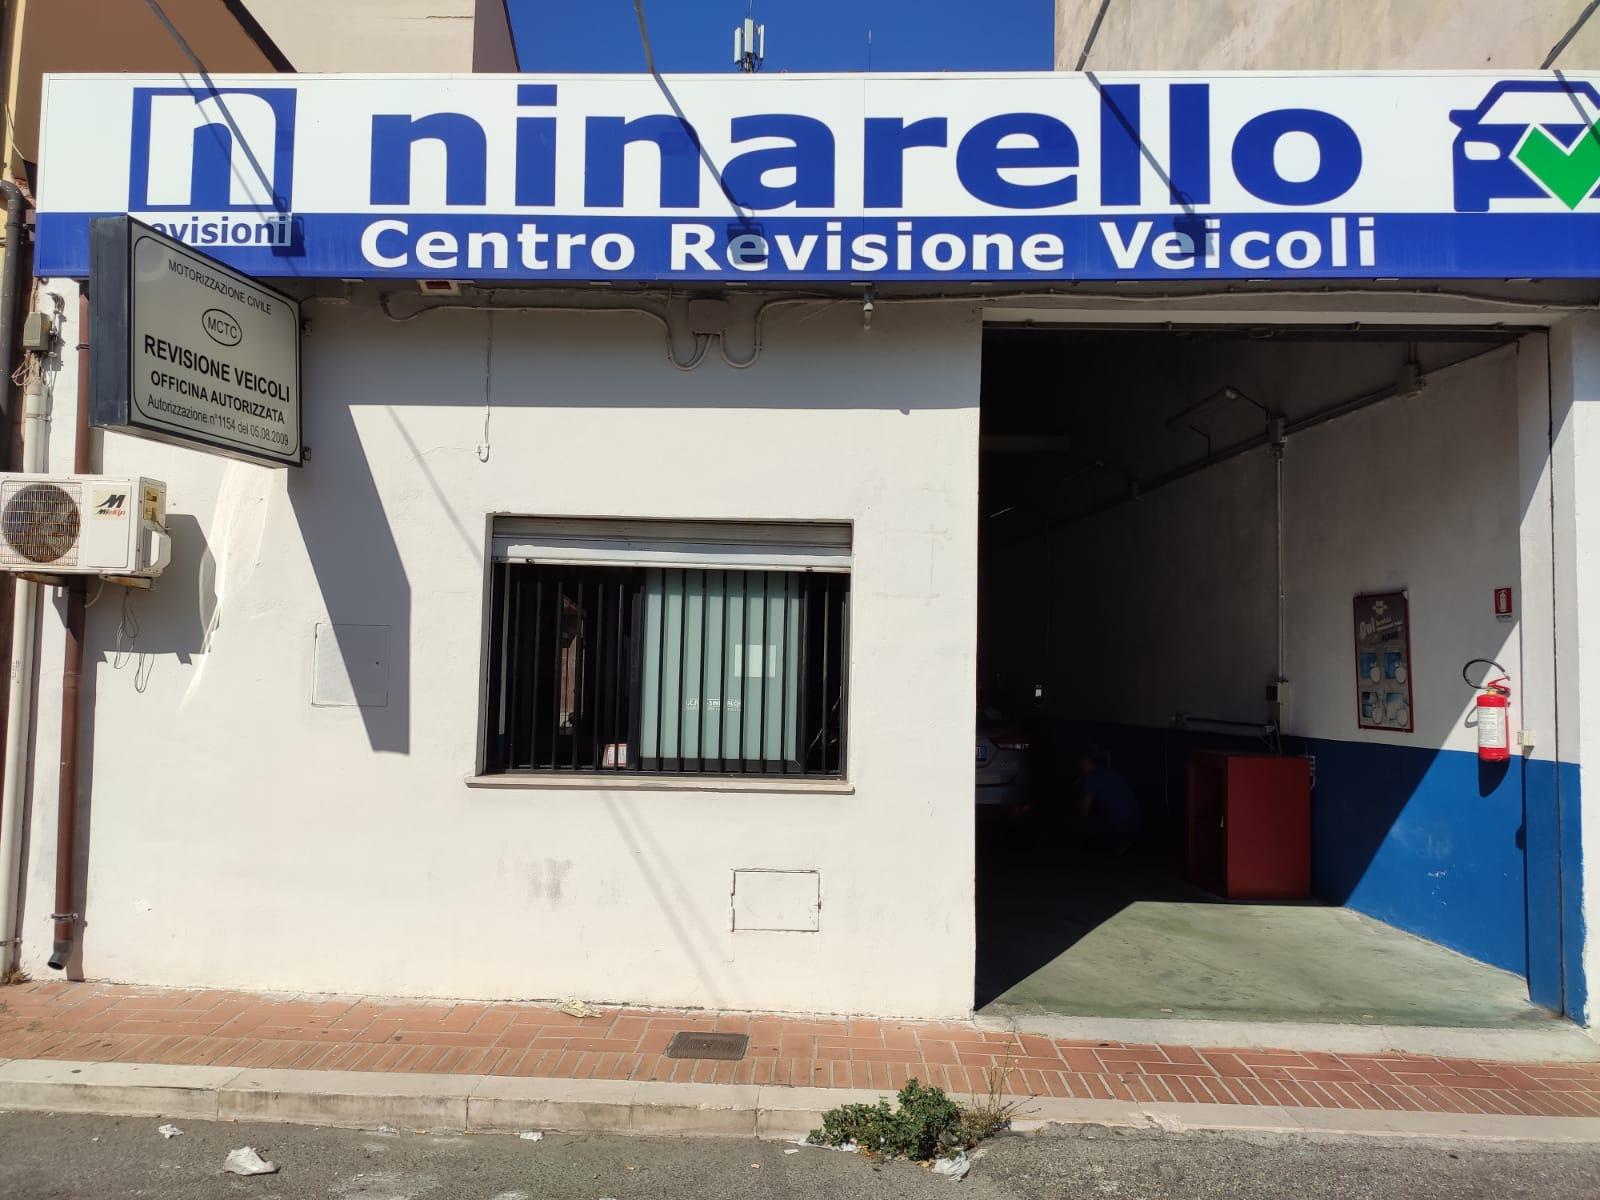 Centro Revisioni auto moto Ninarello srl